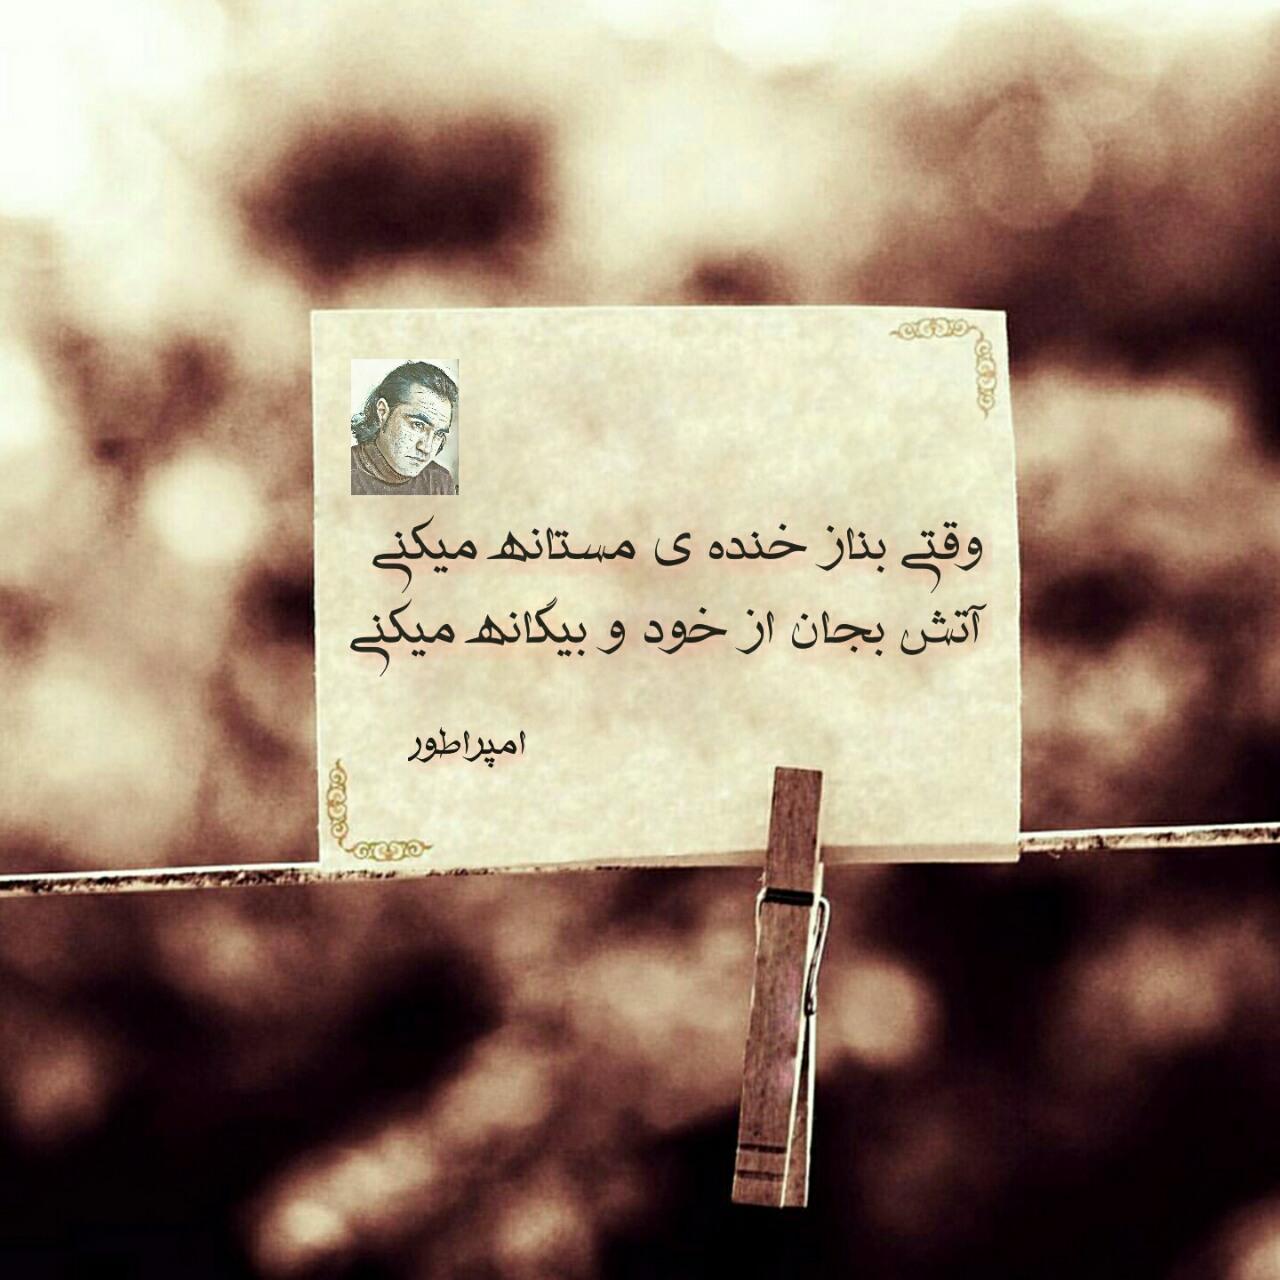 وقتی بناز خنده ی مستانه میکنی احمد محمود امپراطور 1